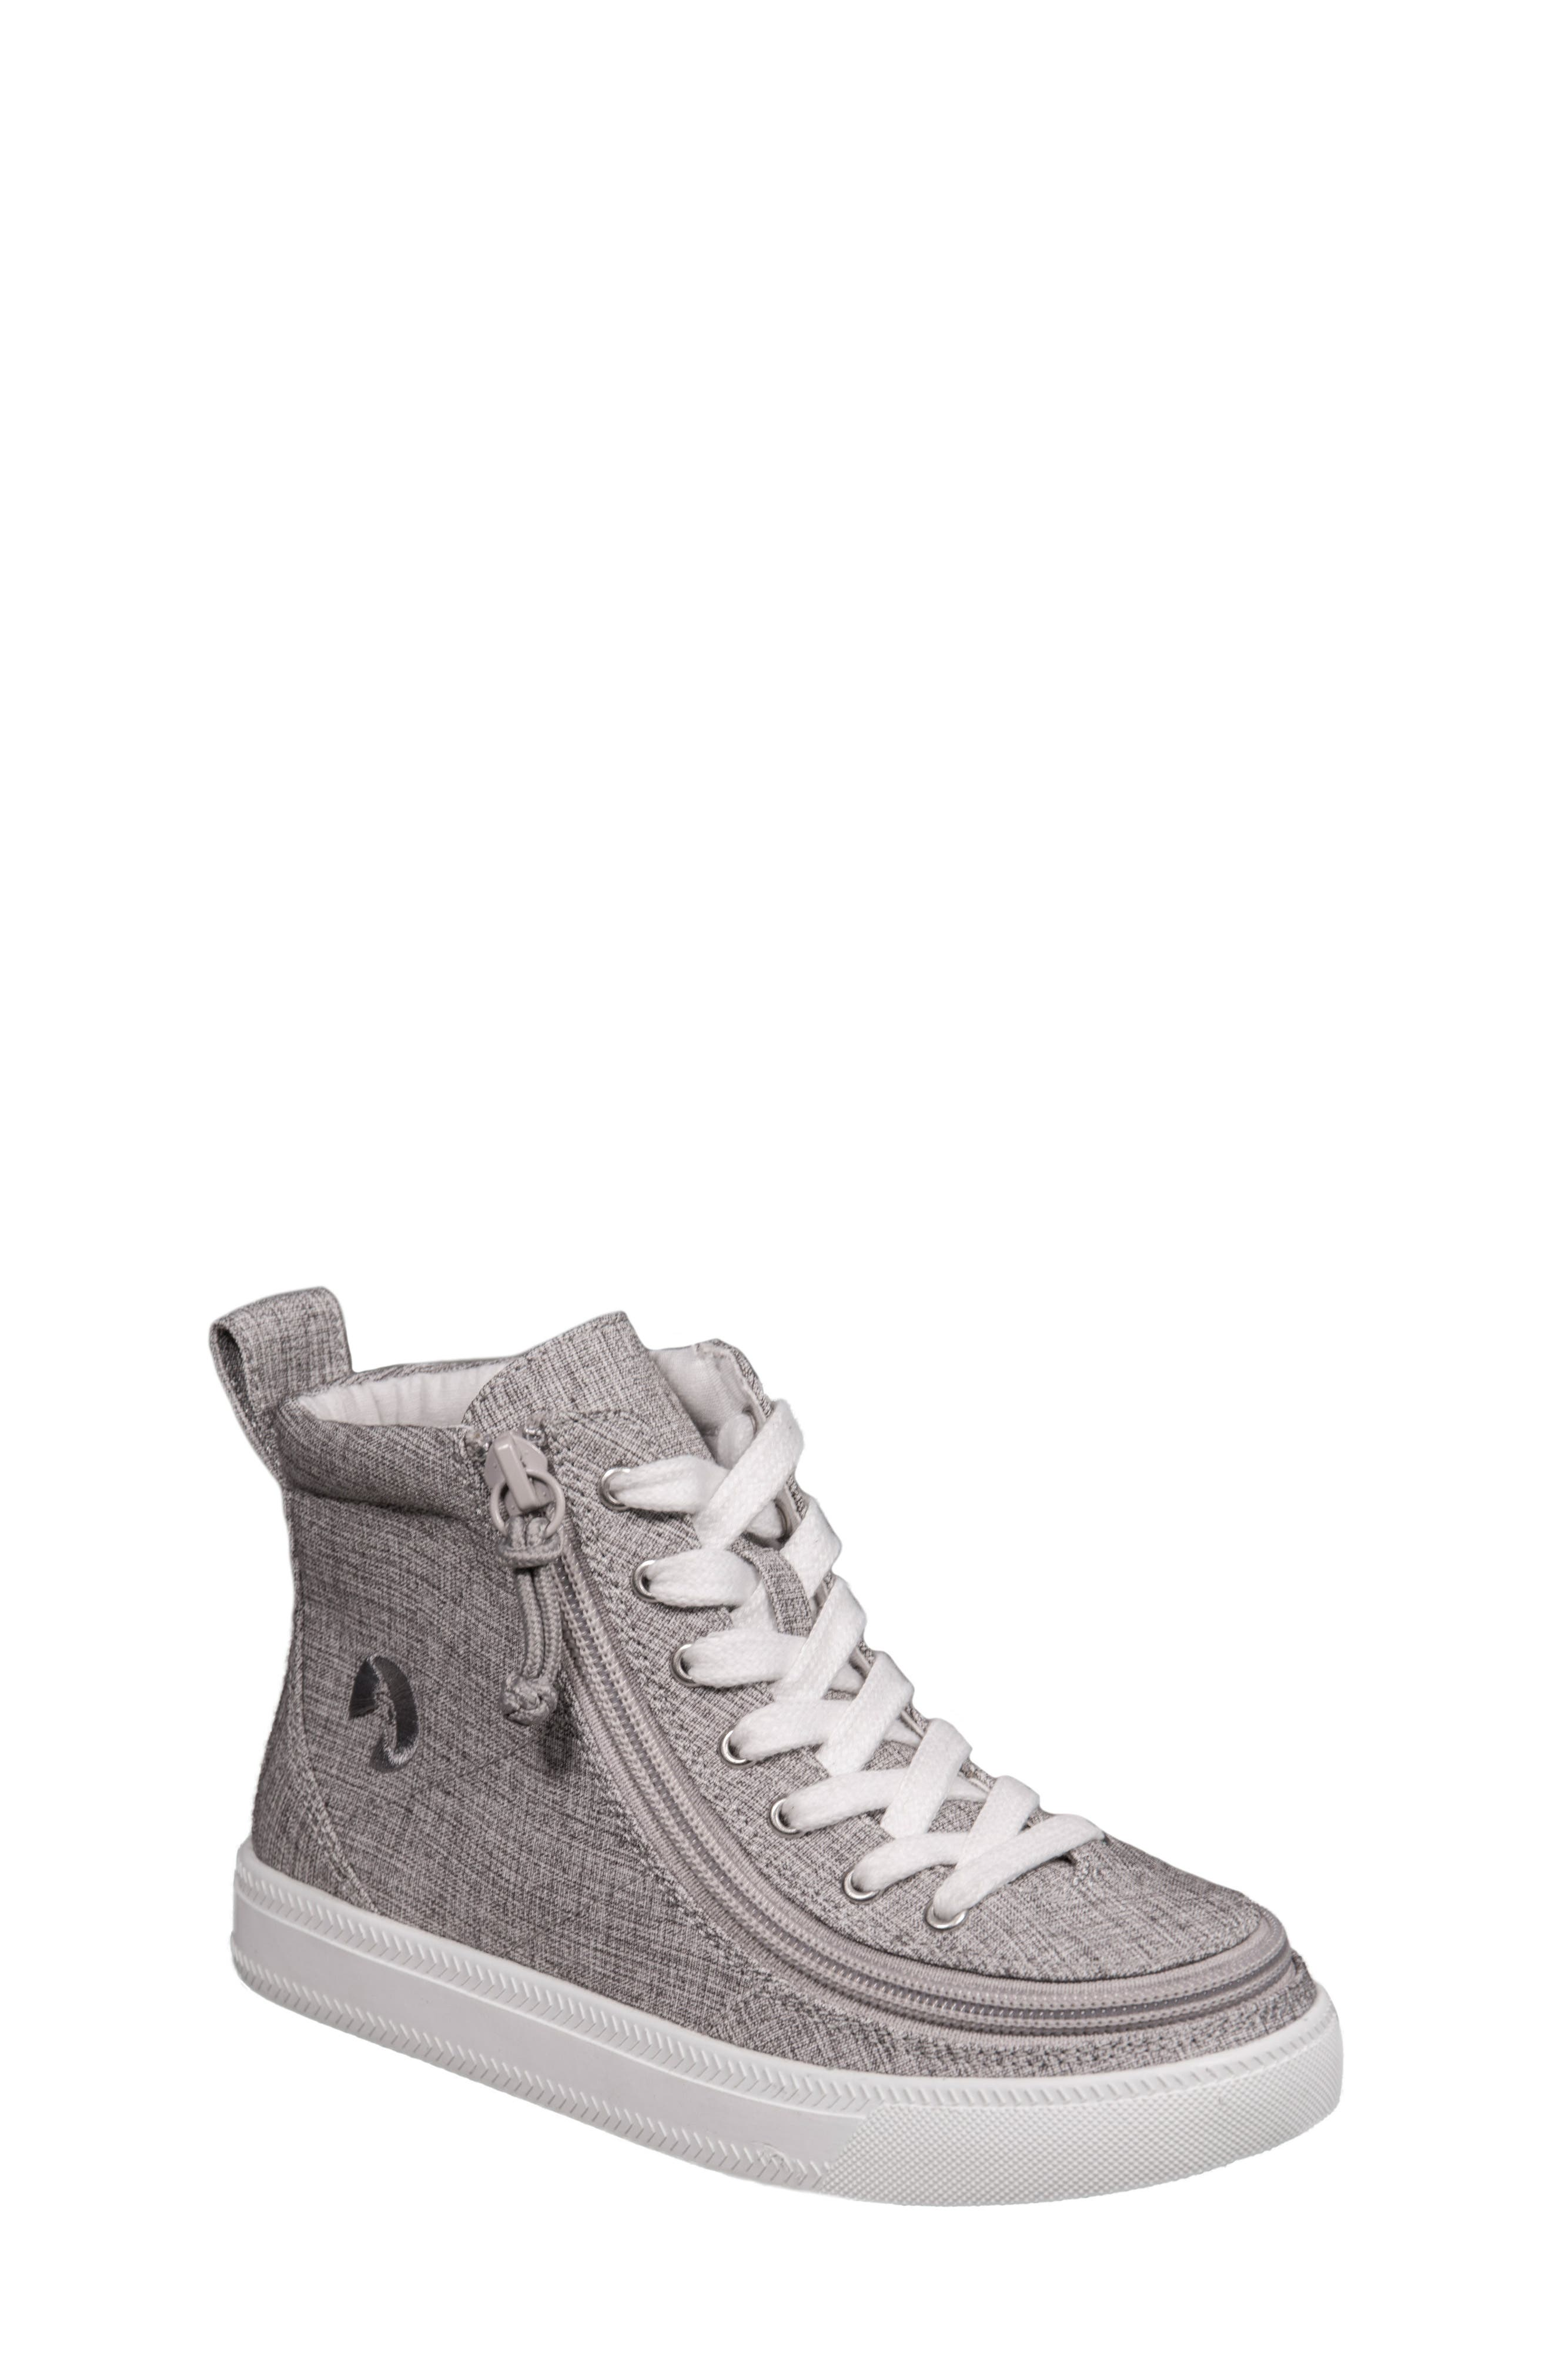 Zip Around High Top Sneaker,                         Main,                         color, GREY JERSEY